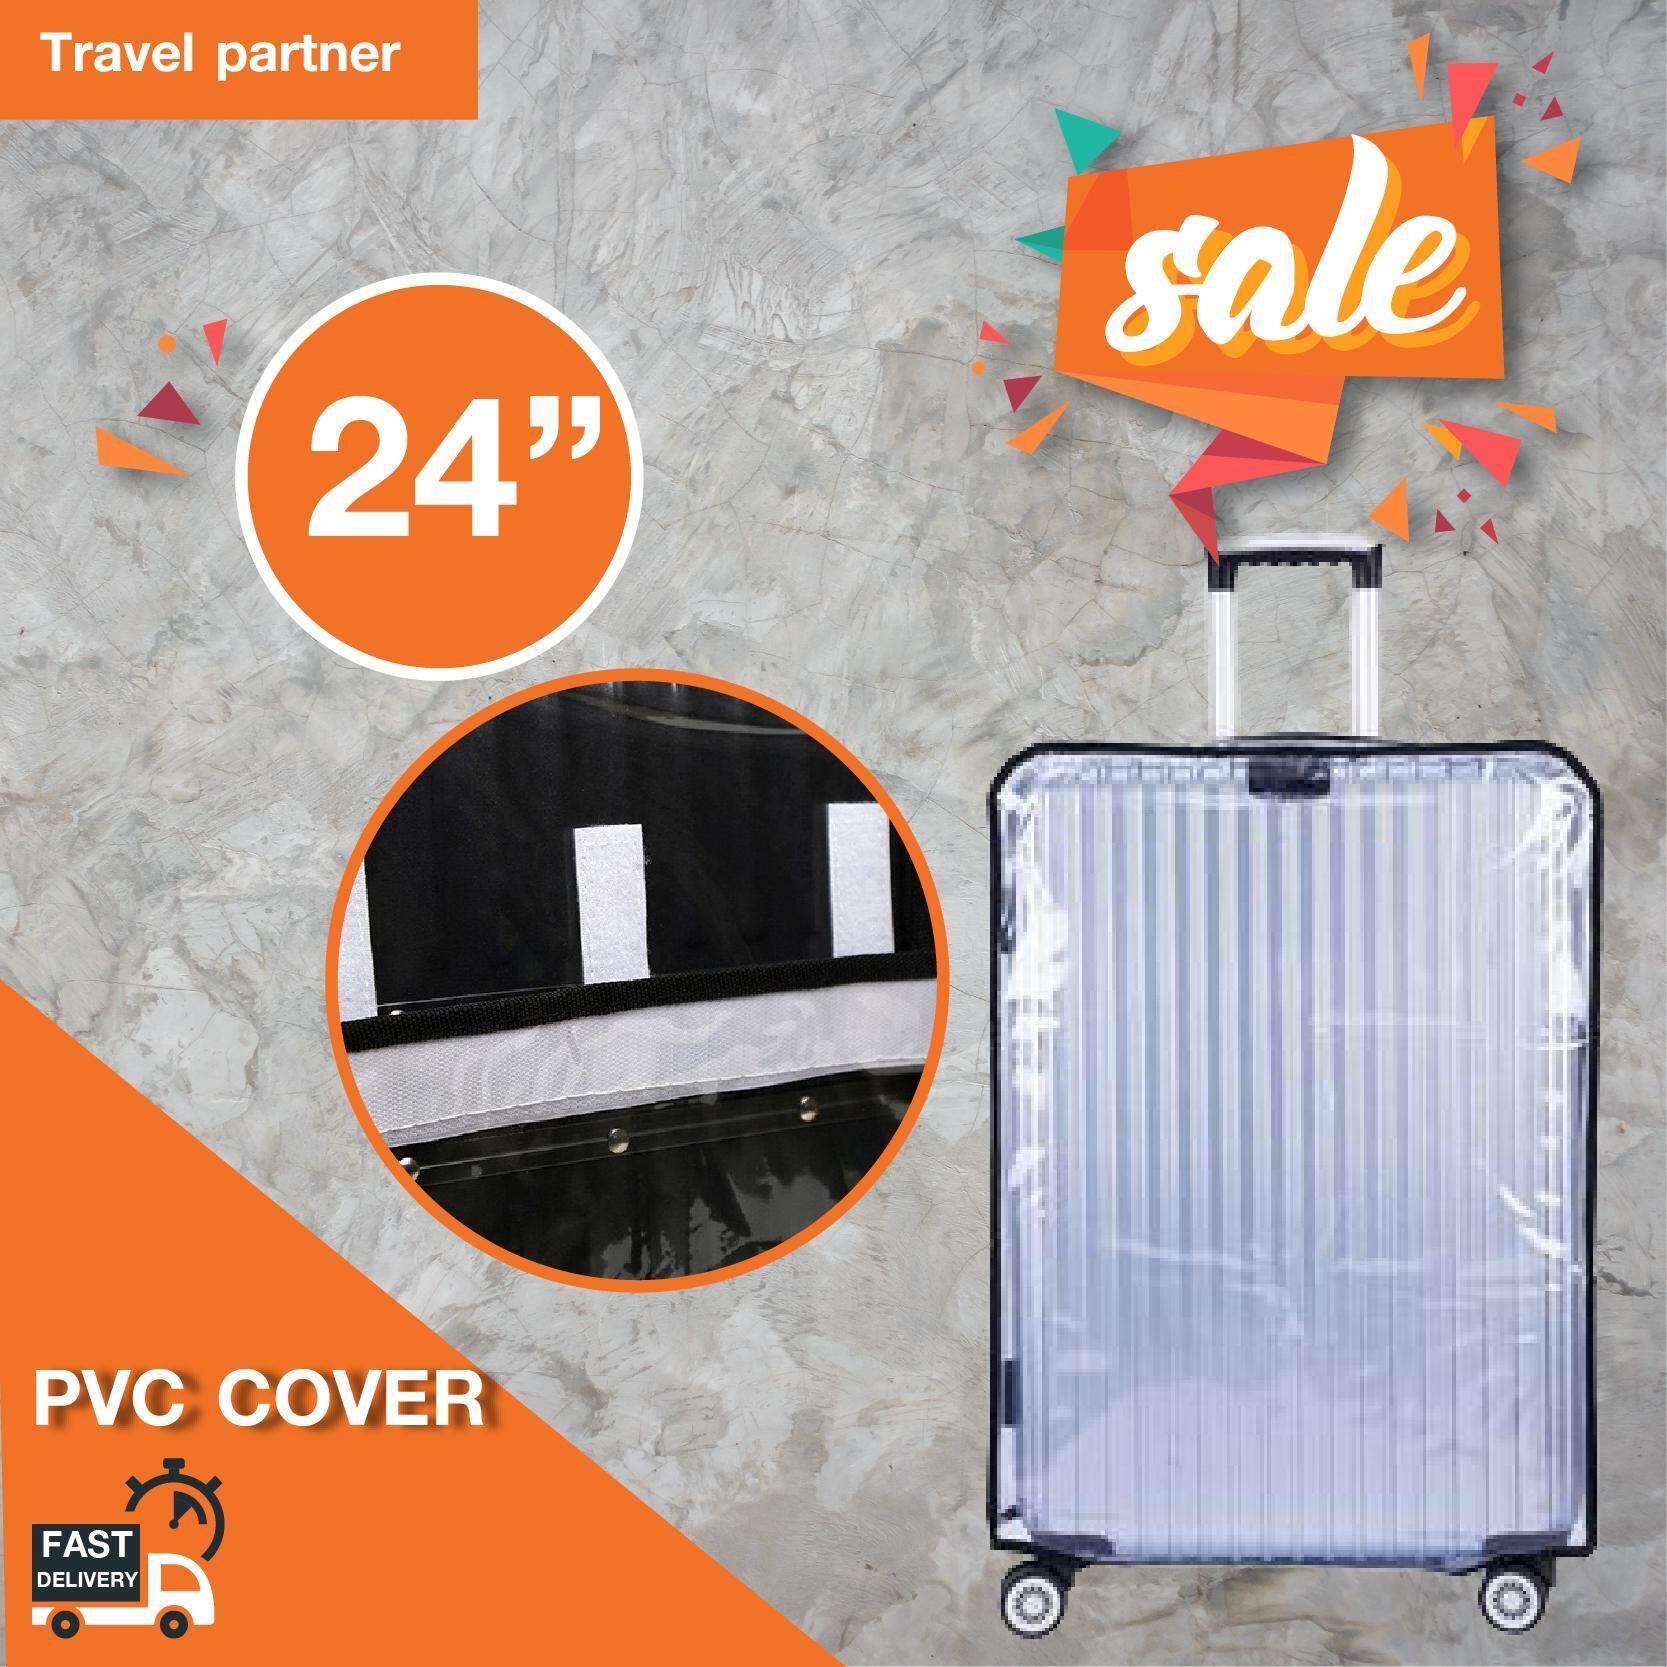 Travel Partner พลาสติกใสคลุมกระเป๋าเดินทาง 20-29 นิ้ว กันเปื้อน กันริ้วรอยและกันน้ำ Pvc Cover Suitcase.